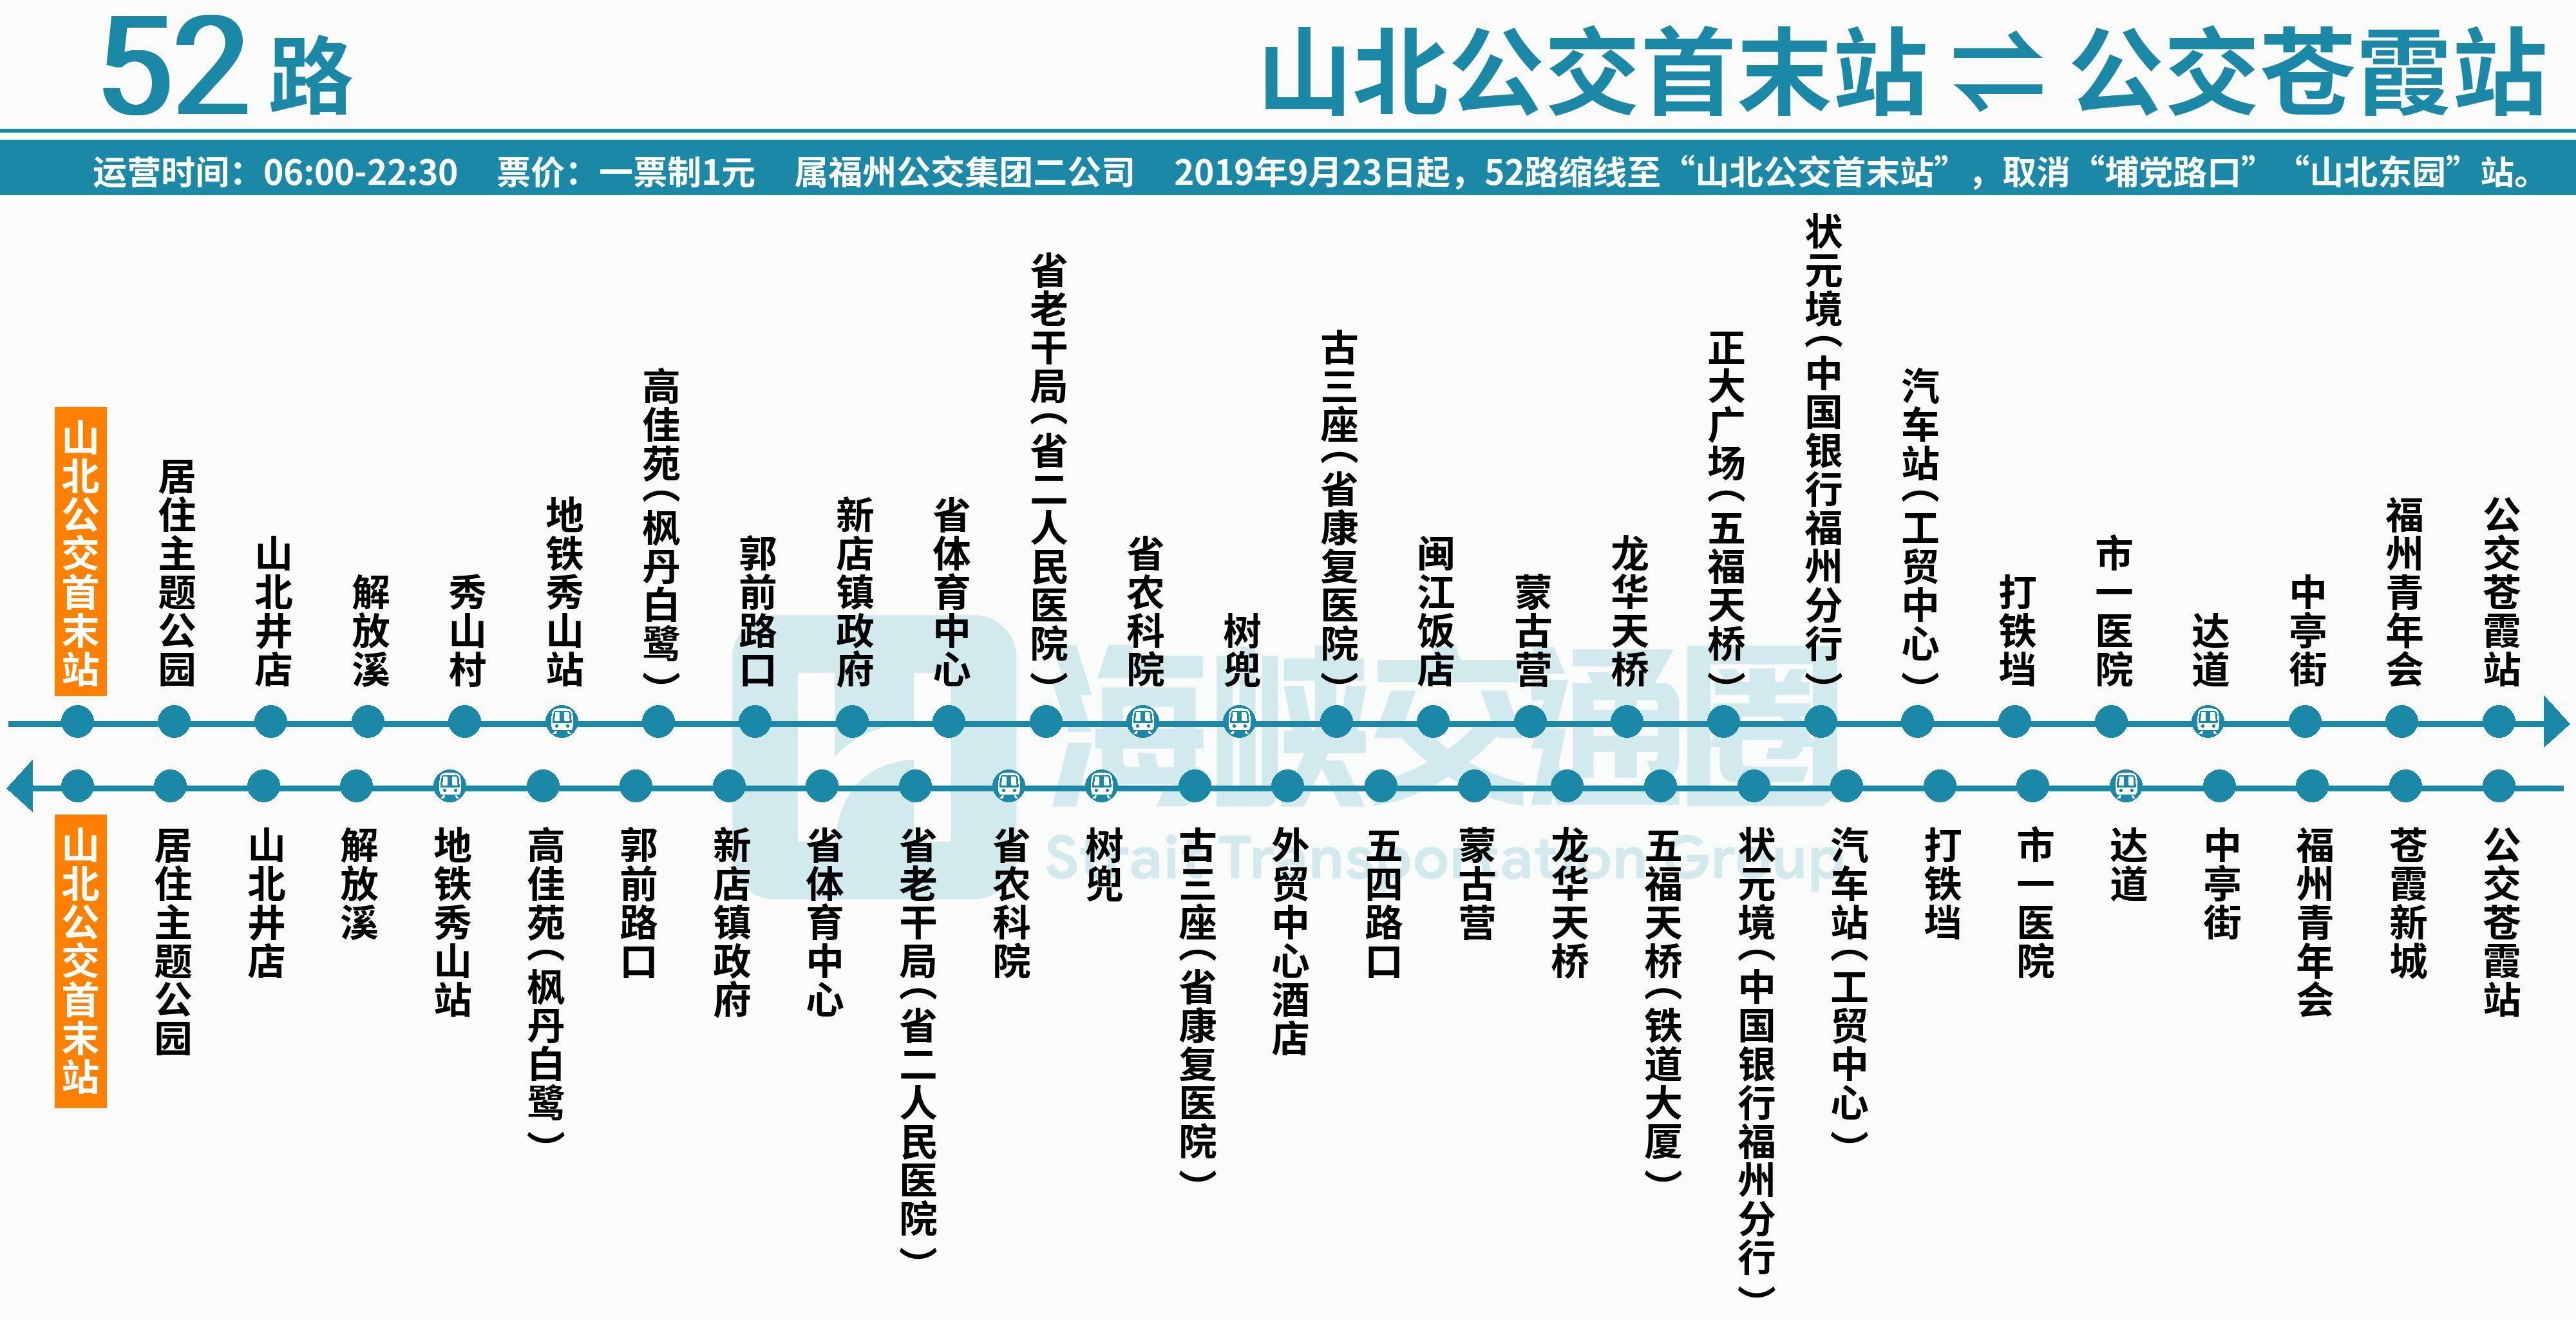 14-25-31-routemapfucker.jpg